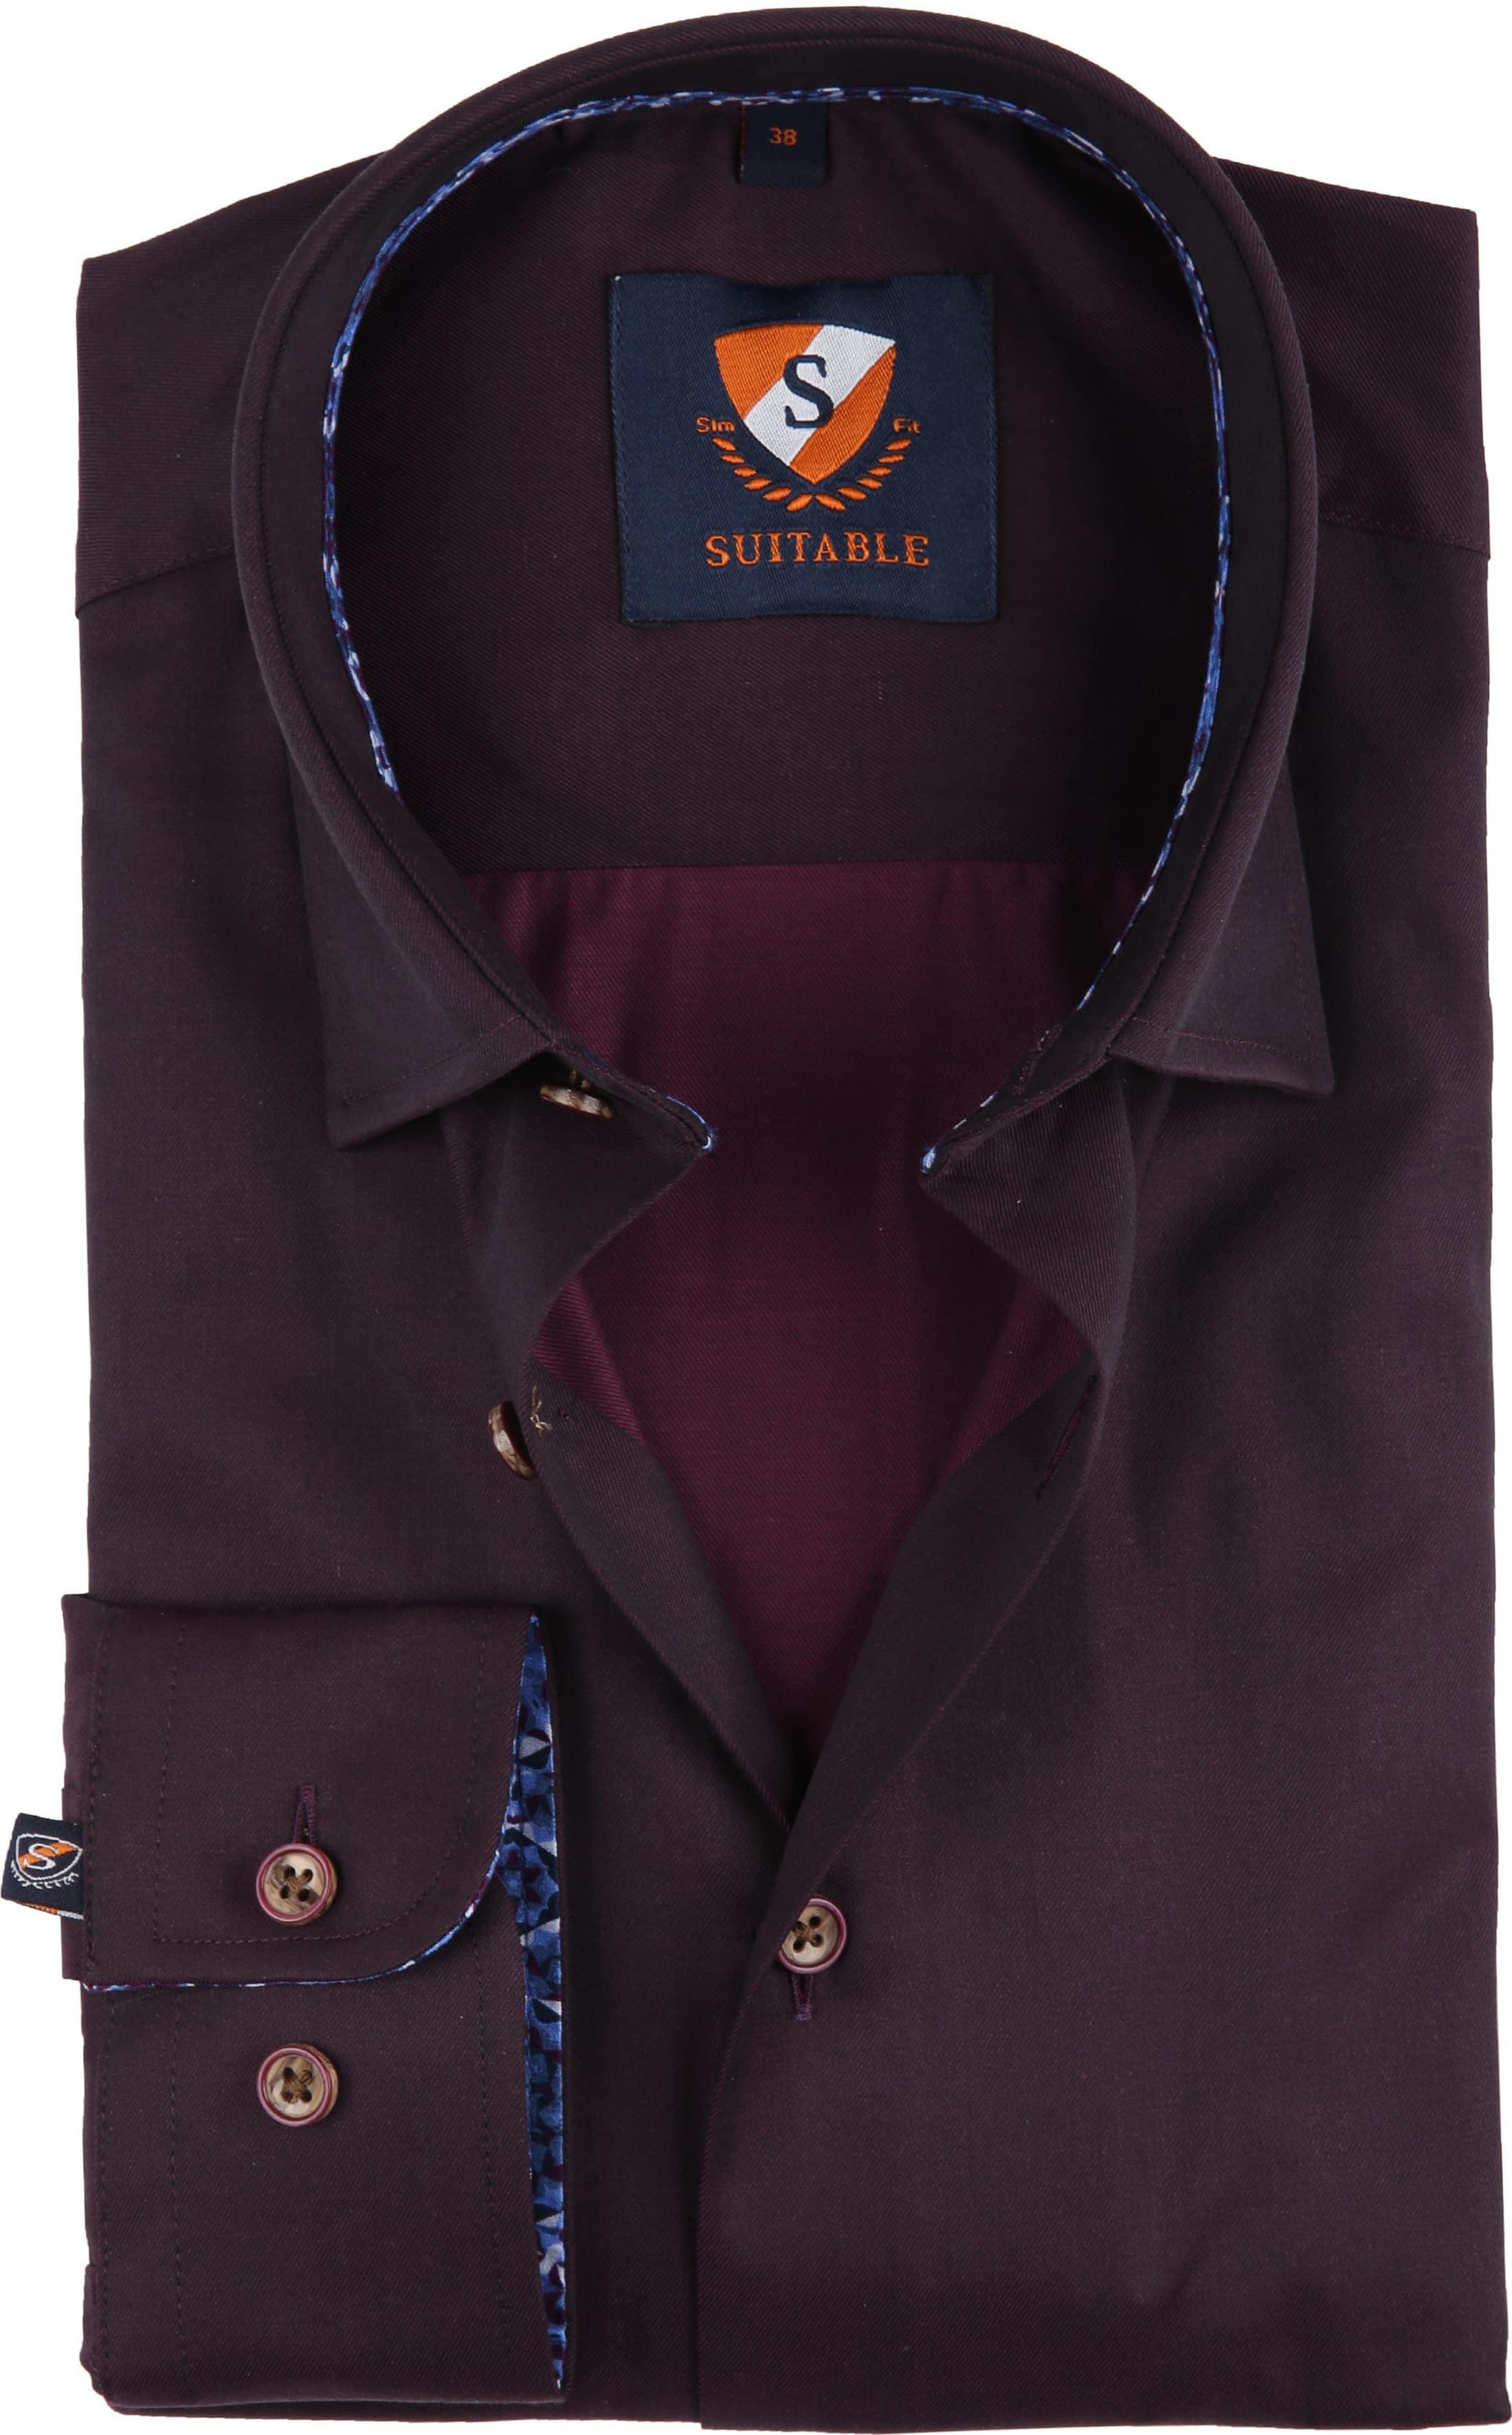 Suitable Overhemd Bordeaux 188-5 foto 0